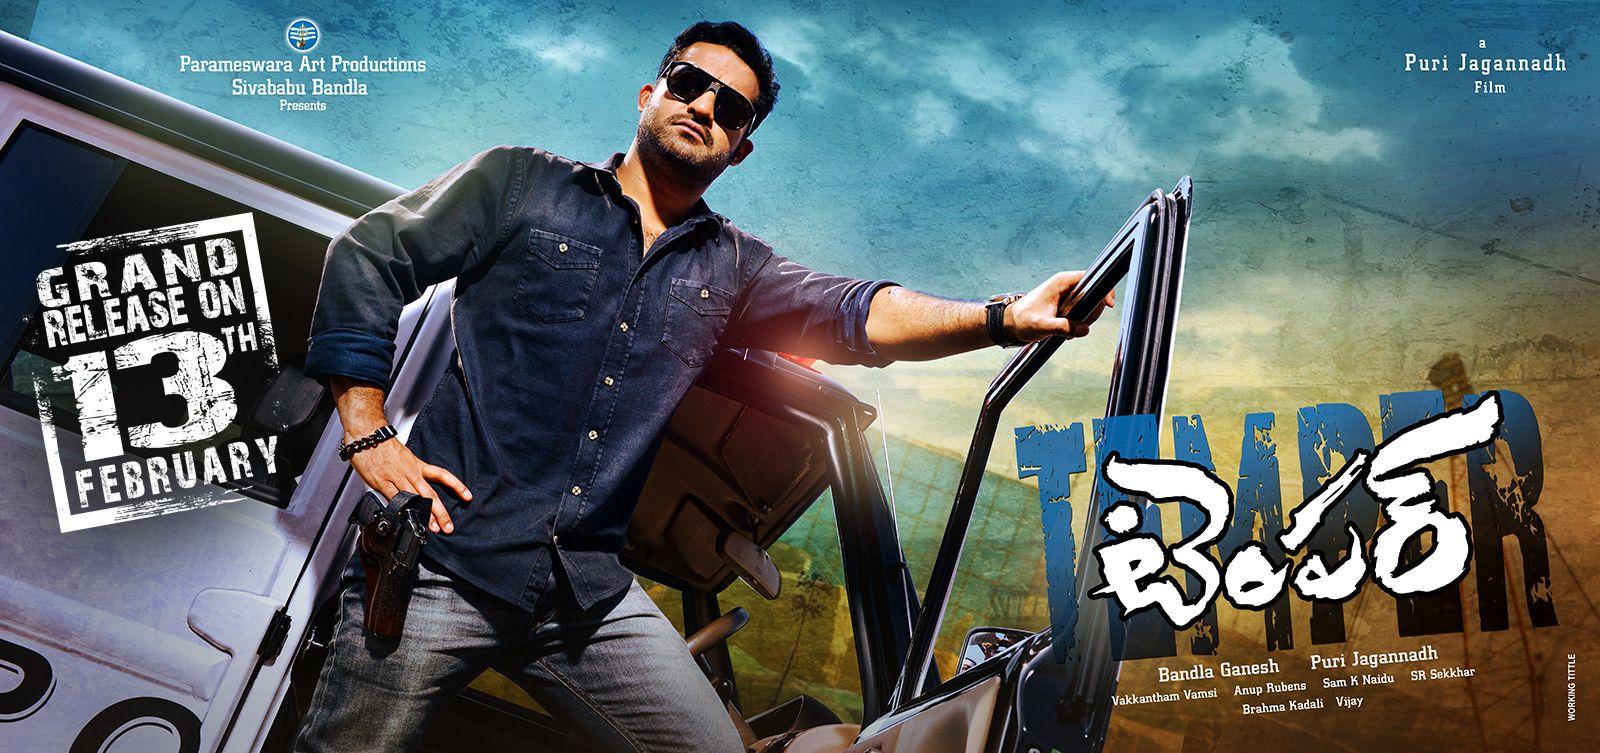 Jr Ntr Nannaku Prematho Movie First Look Ultra Hd Posters: Jr Ntr Kajal Agarwal Temper Movie First Look HD Posters